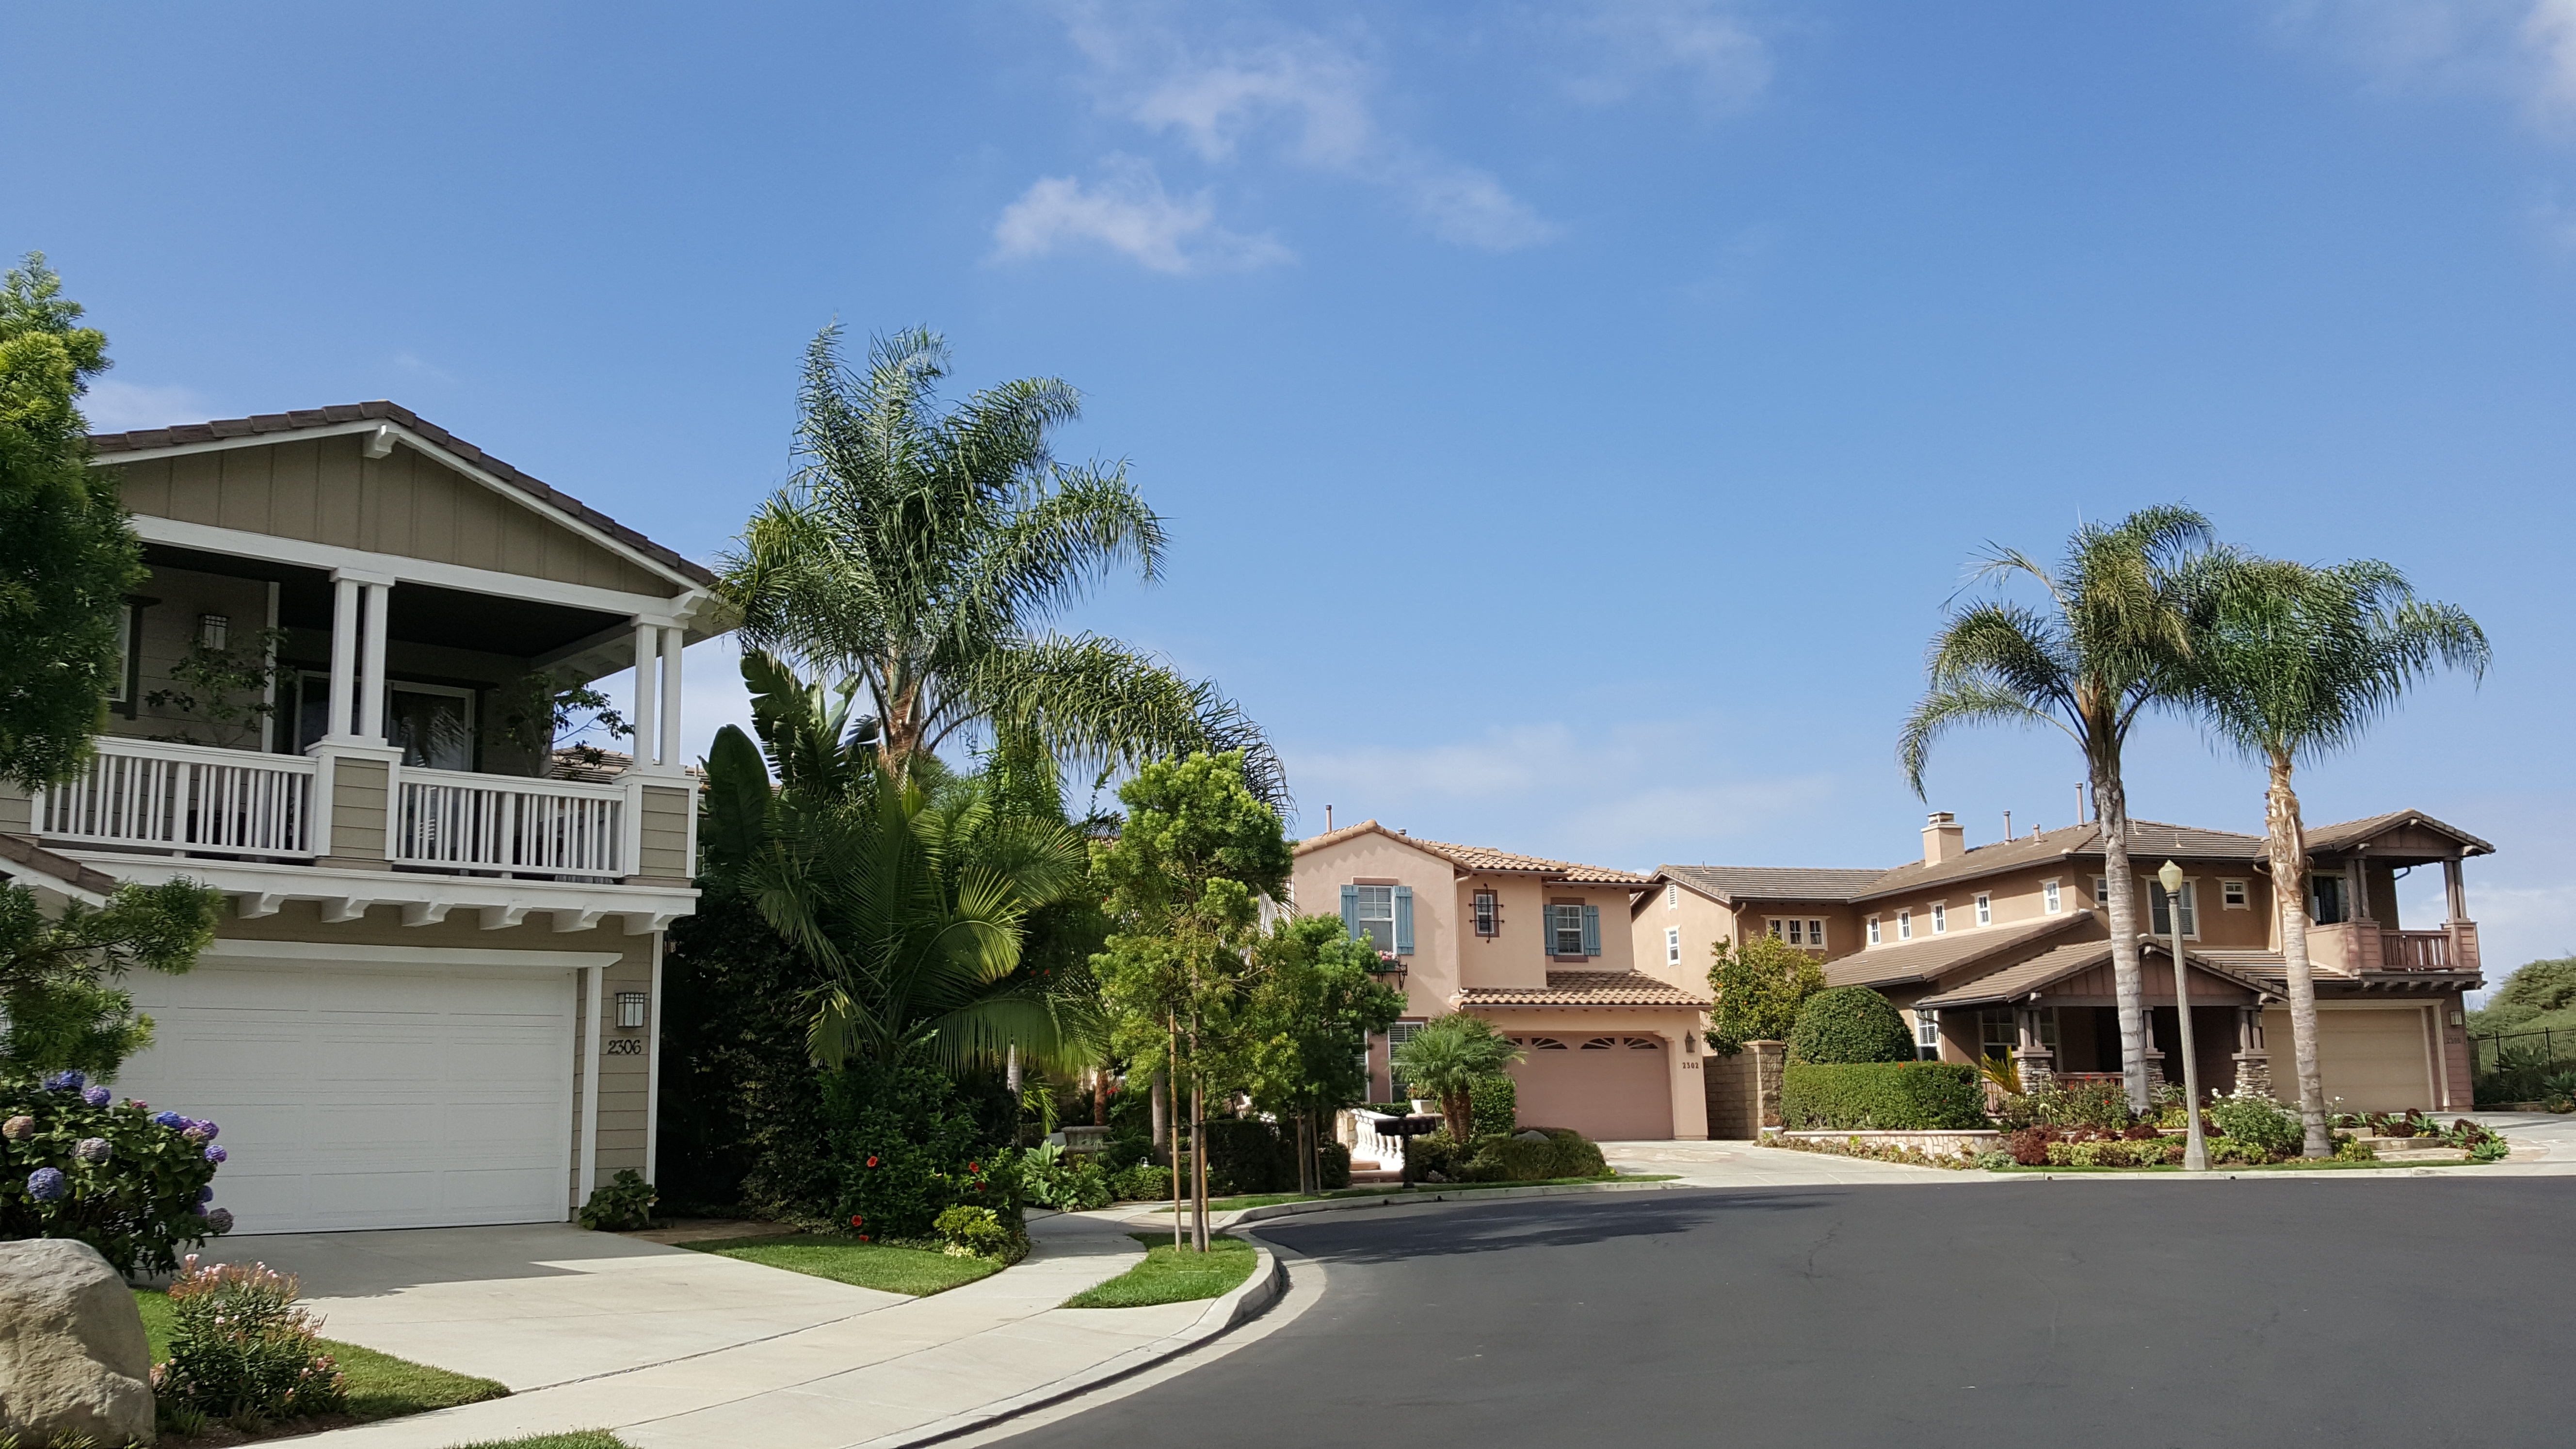 Neighborhood homes-1 10.04.17